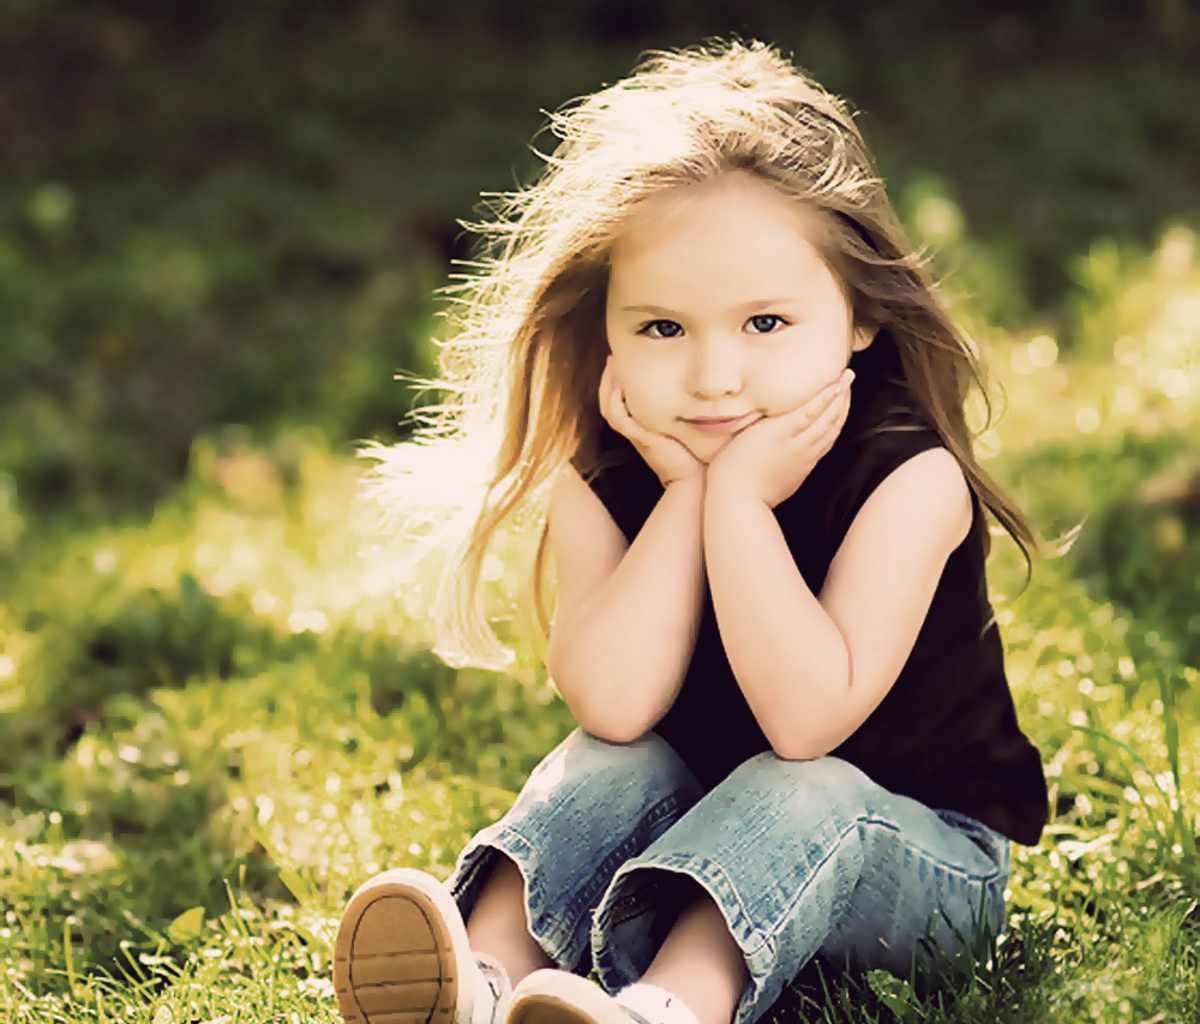 بالصور بنات اطفال , صور احلى بنات قمرات 5898 1